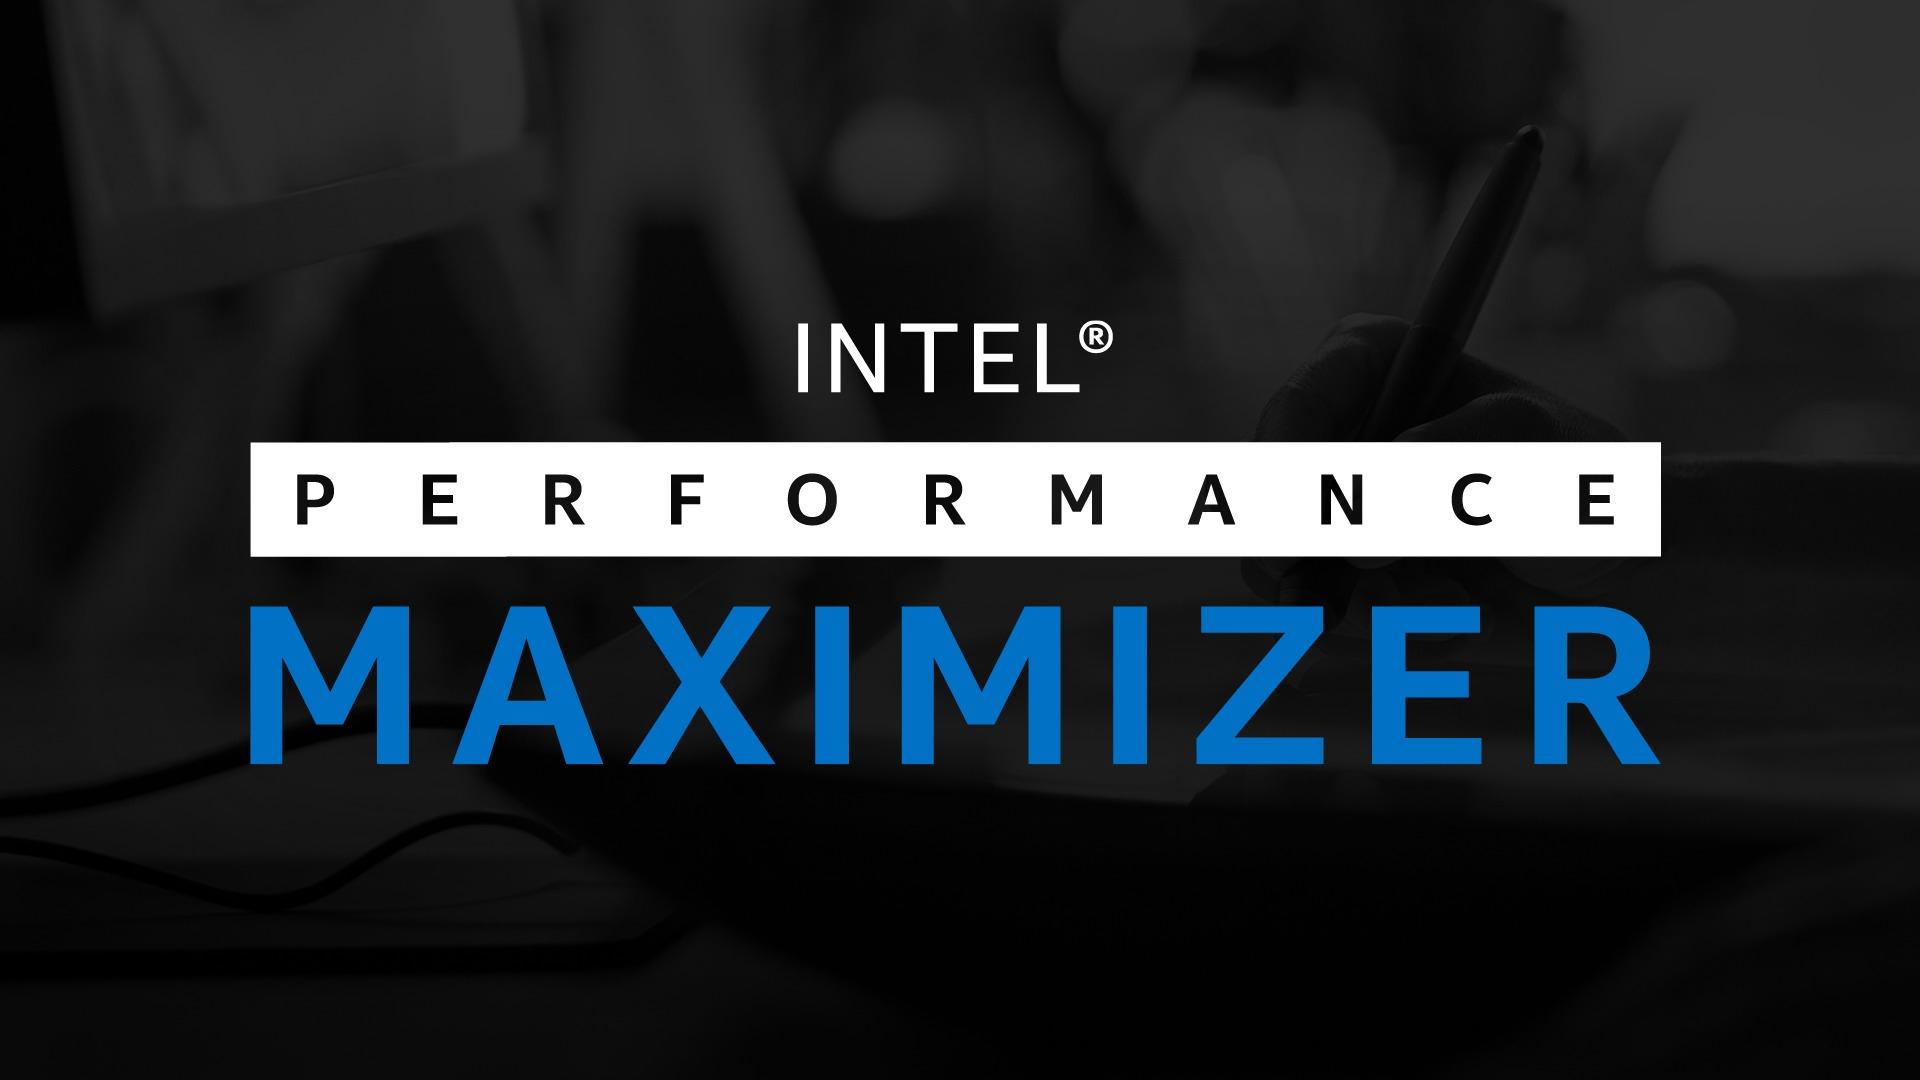 O uso de softwares é indicado pelos fabricantes (Fonte: Intel)